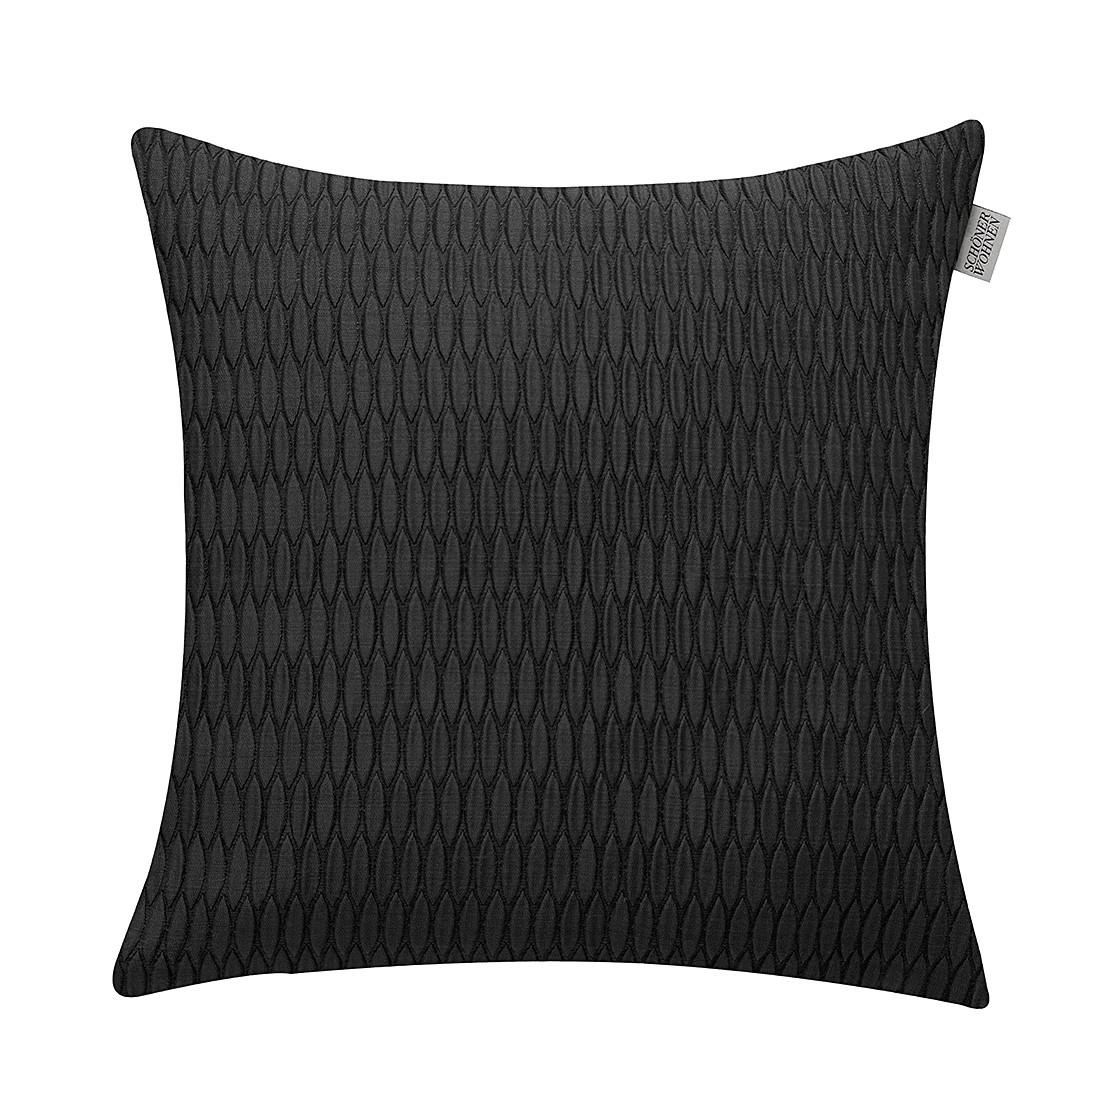 Kissenhülle SW-Shape – Schwarz – Größe: 38 x 38 cm, Schöner Wohnen Kollektion günstig bestellen